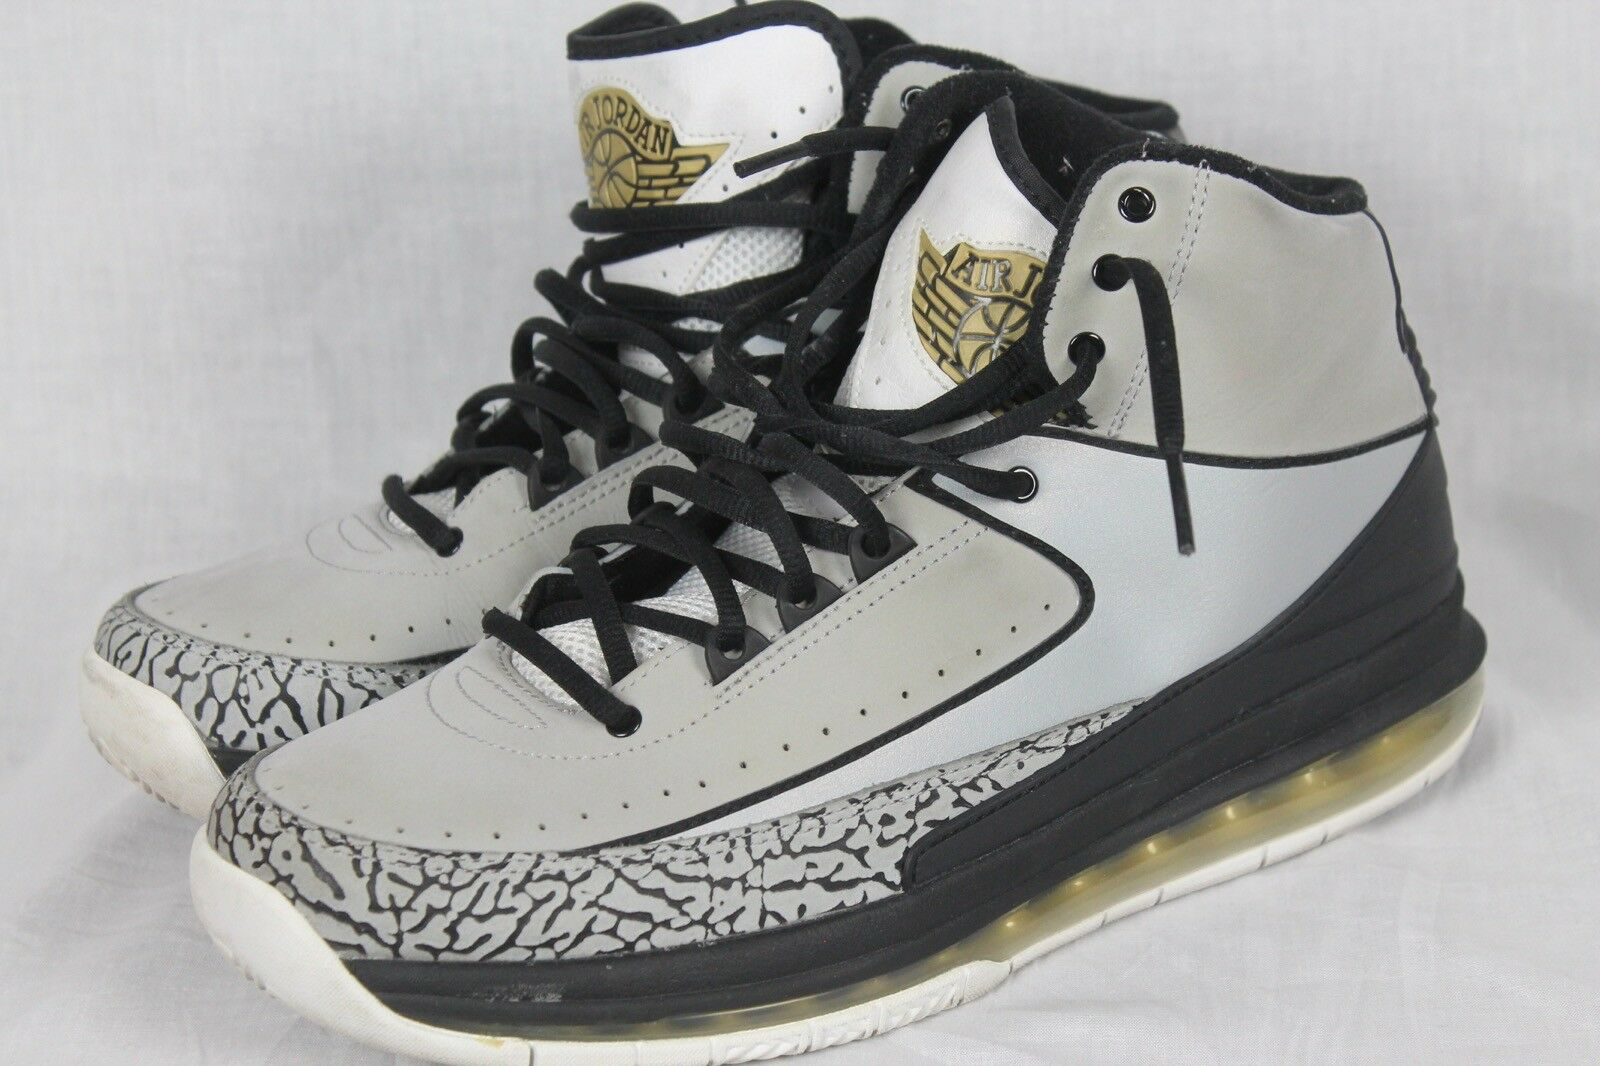 Nike Air Air Jordan Retro 2.0 Max Air Air Mens Cement Gray/Black 455616-017 Sz 10 7c8826